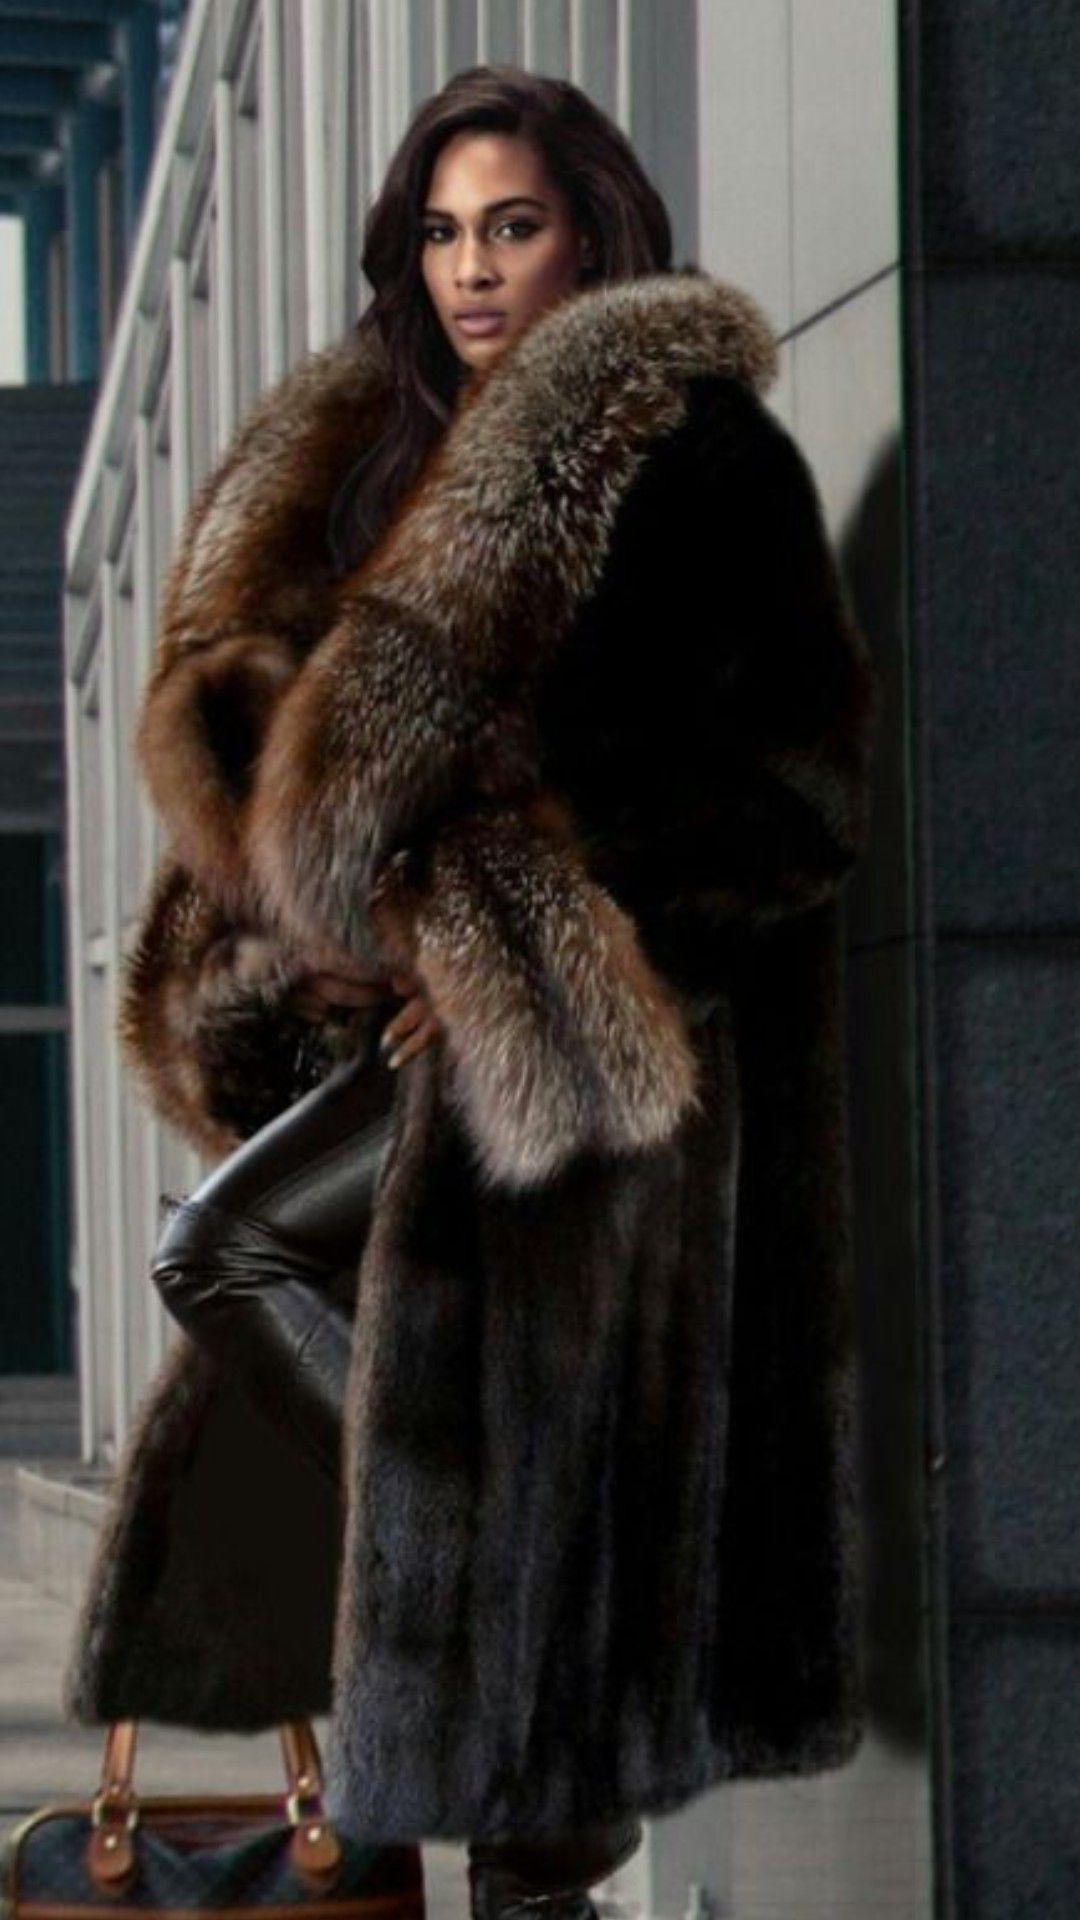 Pin de Filomena Bacelar em Moda | Moda inverno, Casaco de